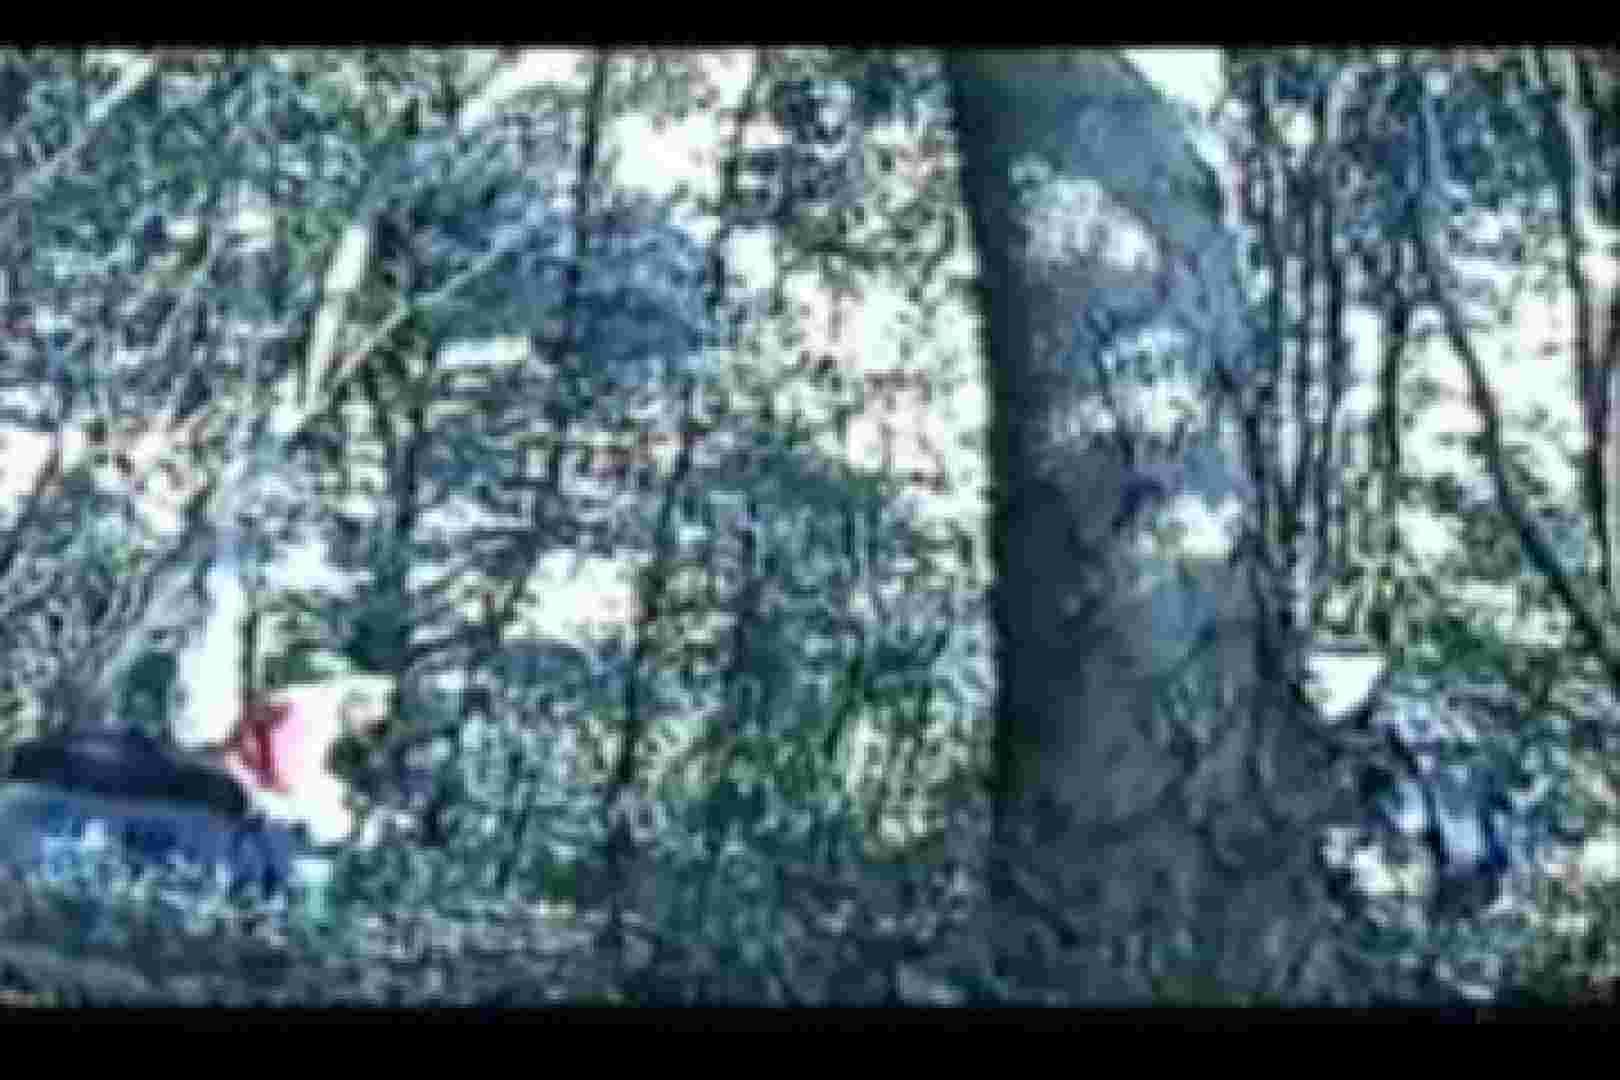 オールドゲイシリーズ  美少年ひかるのオープンファック イケメン  106pic 51